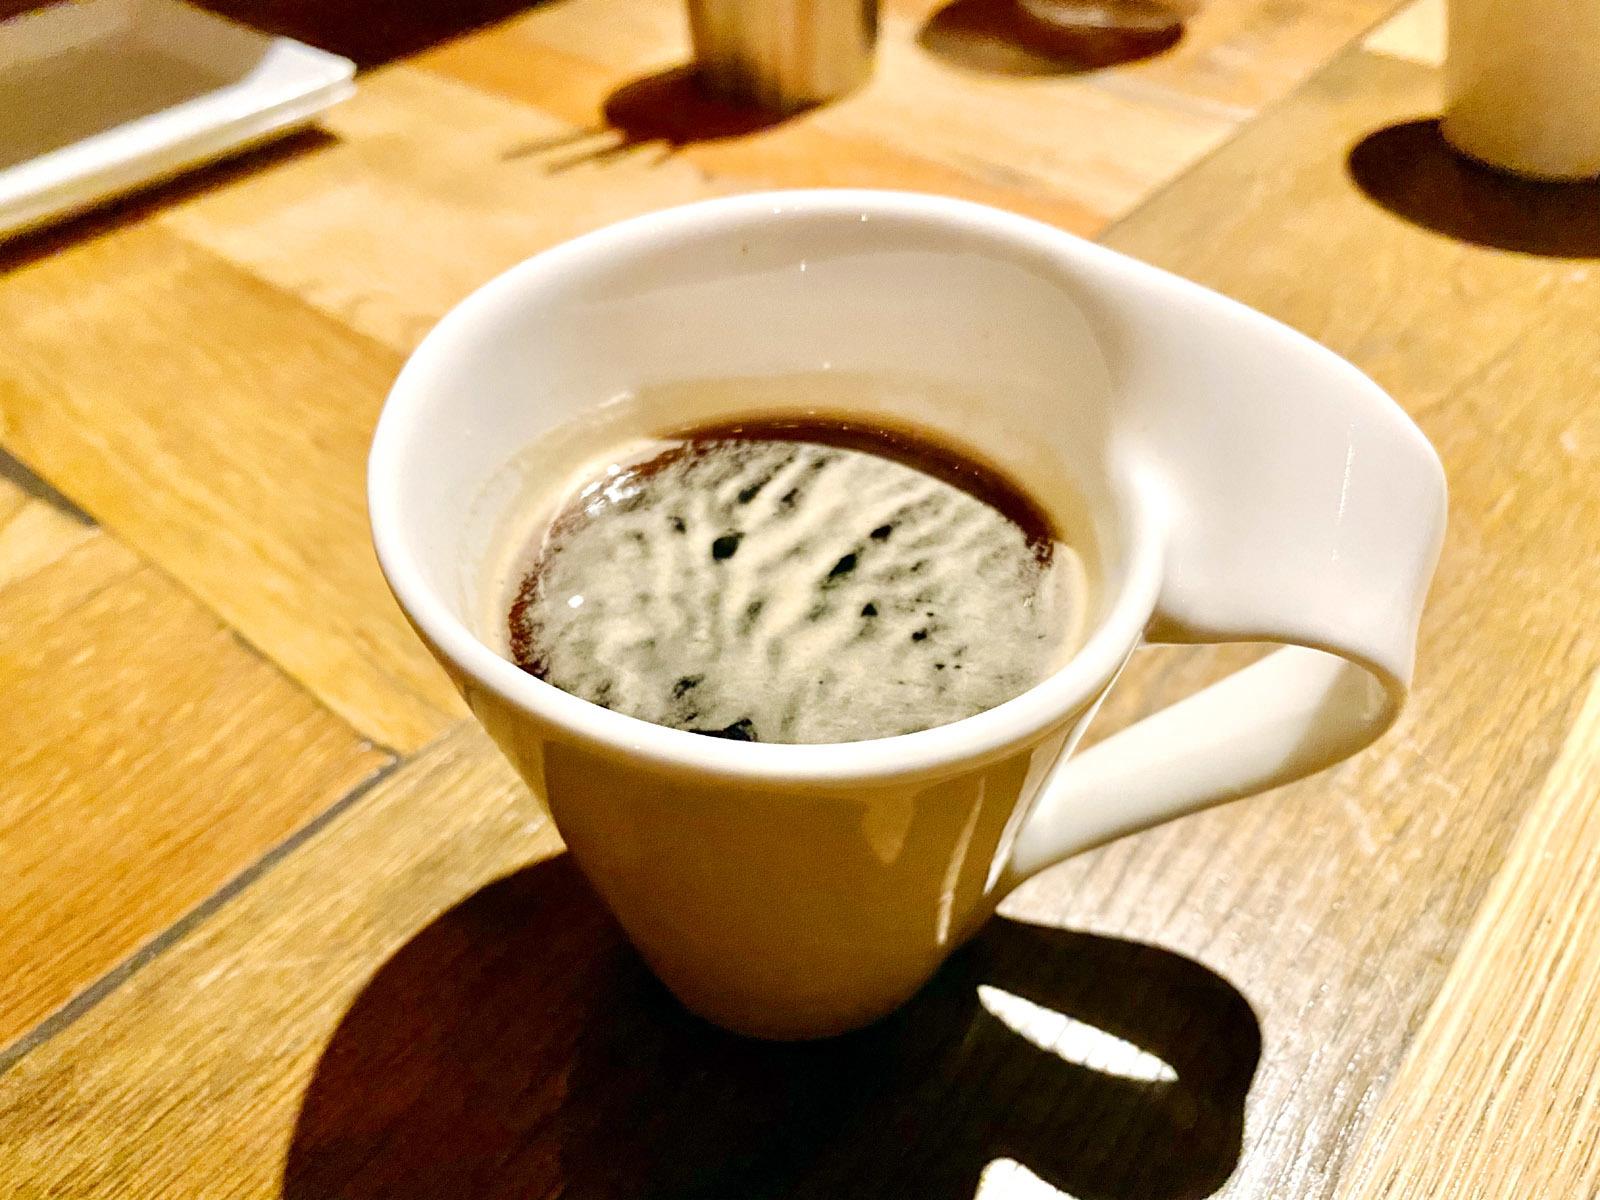 食後のコーヒー&たこ焼き風シュークリーム(コーヒー)